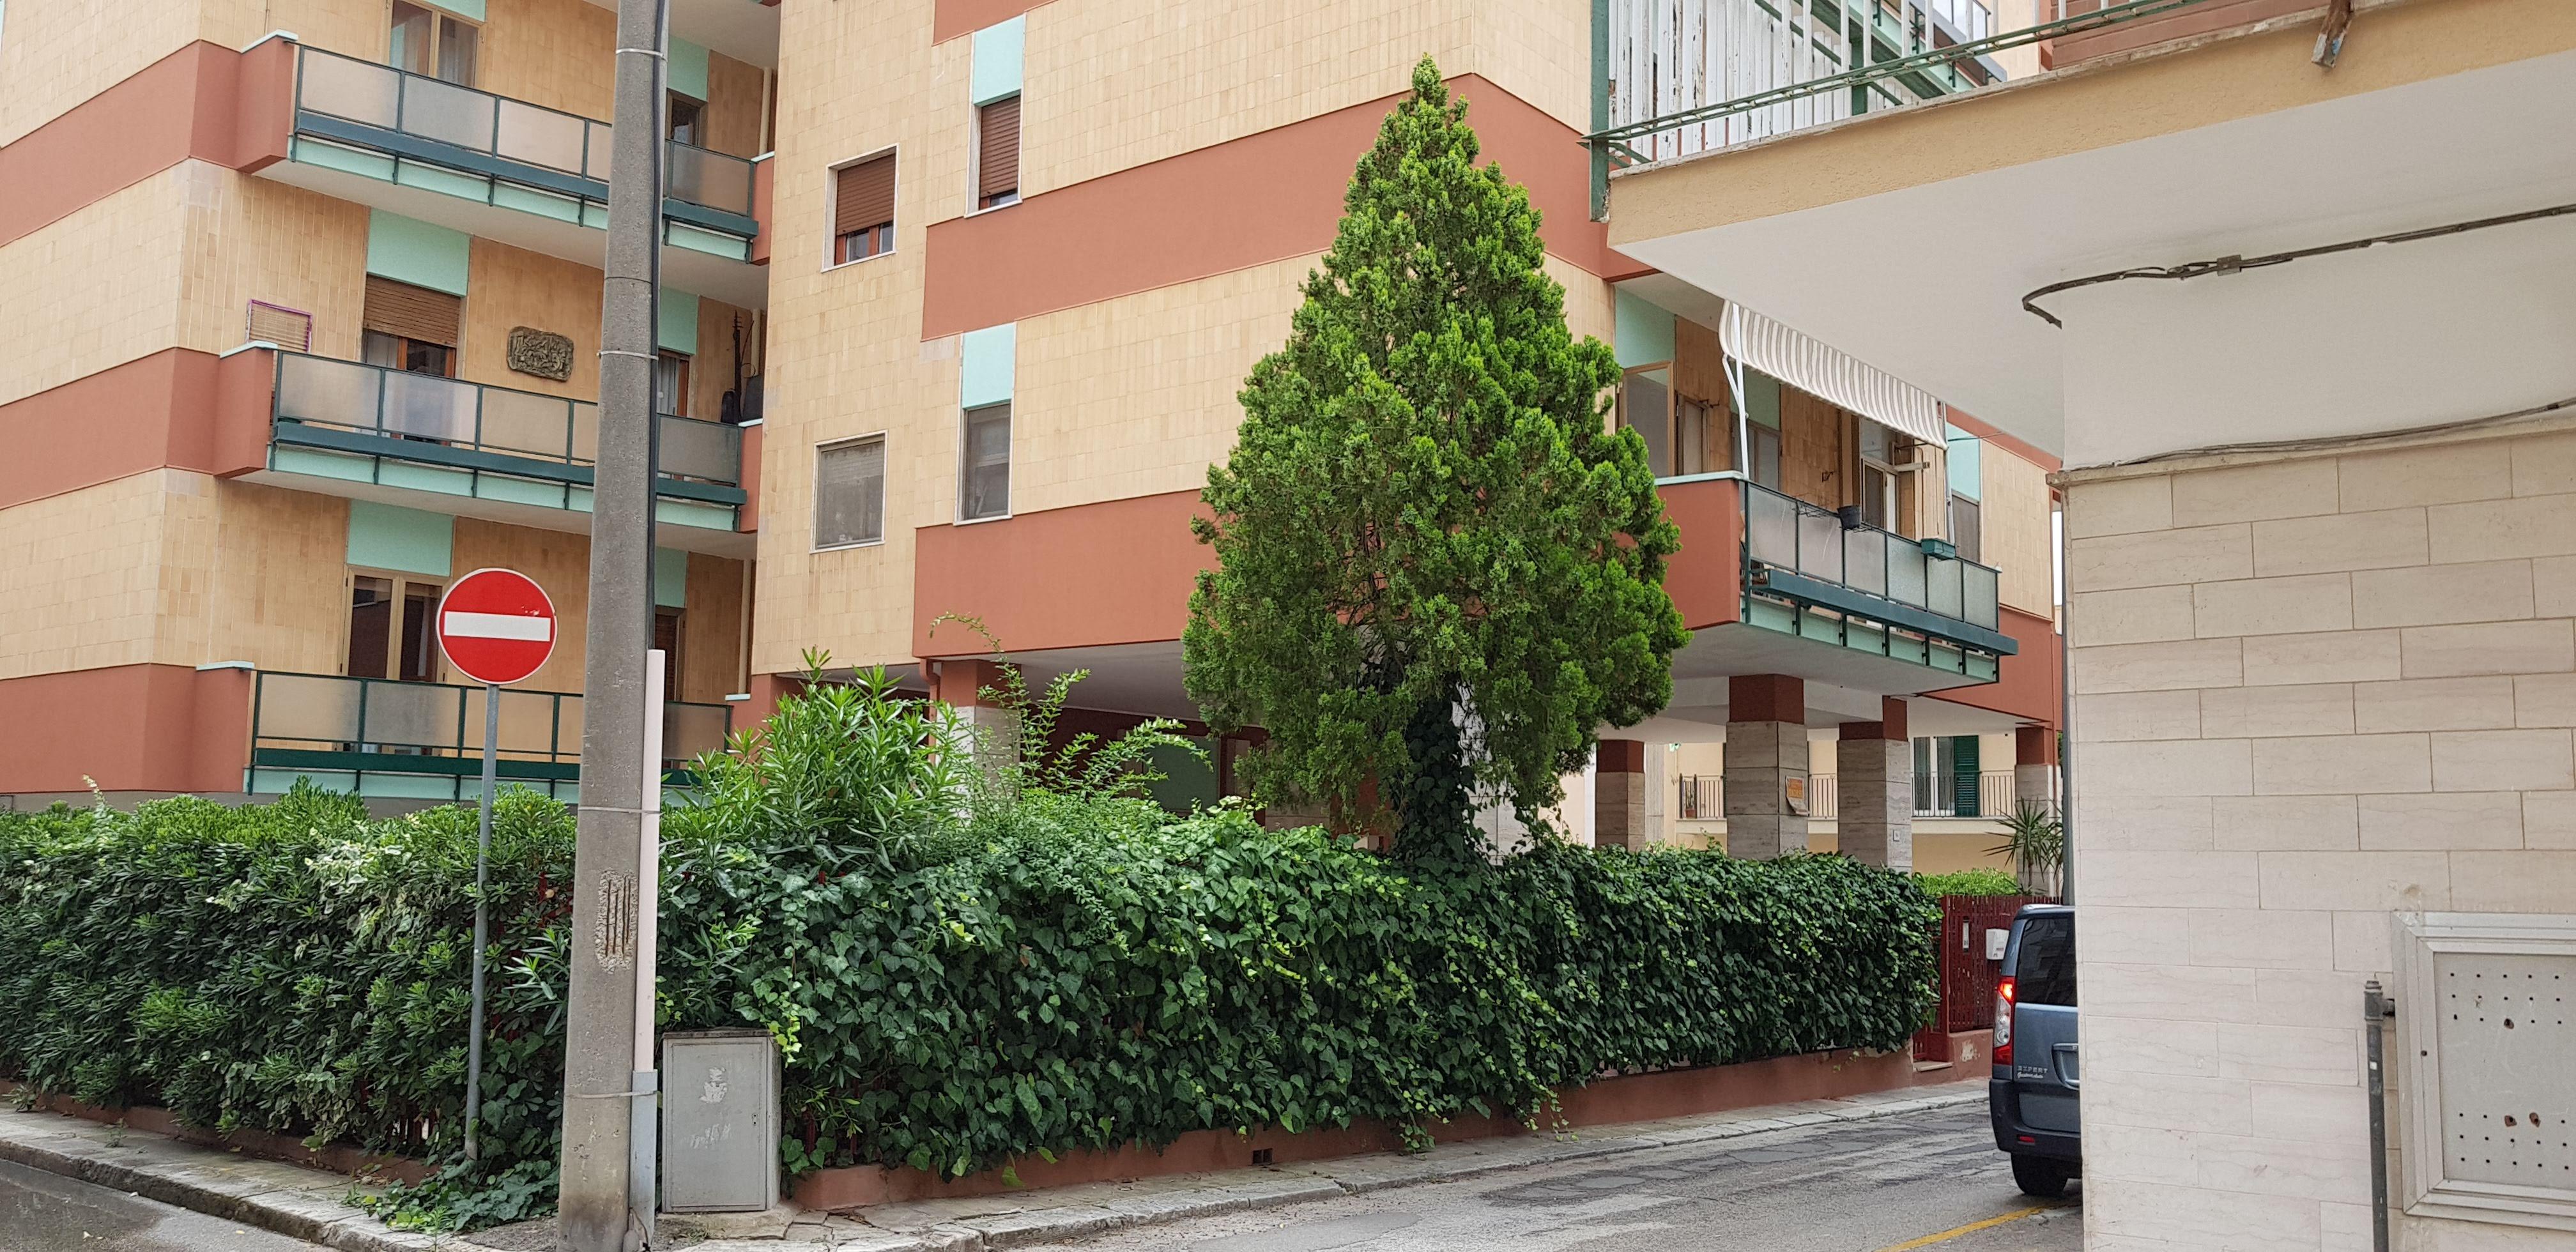 ancona-immobiliare_1132_0_1530201034.jpg